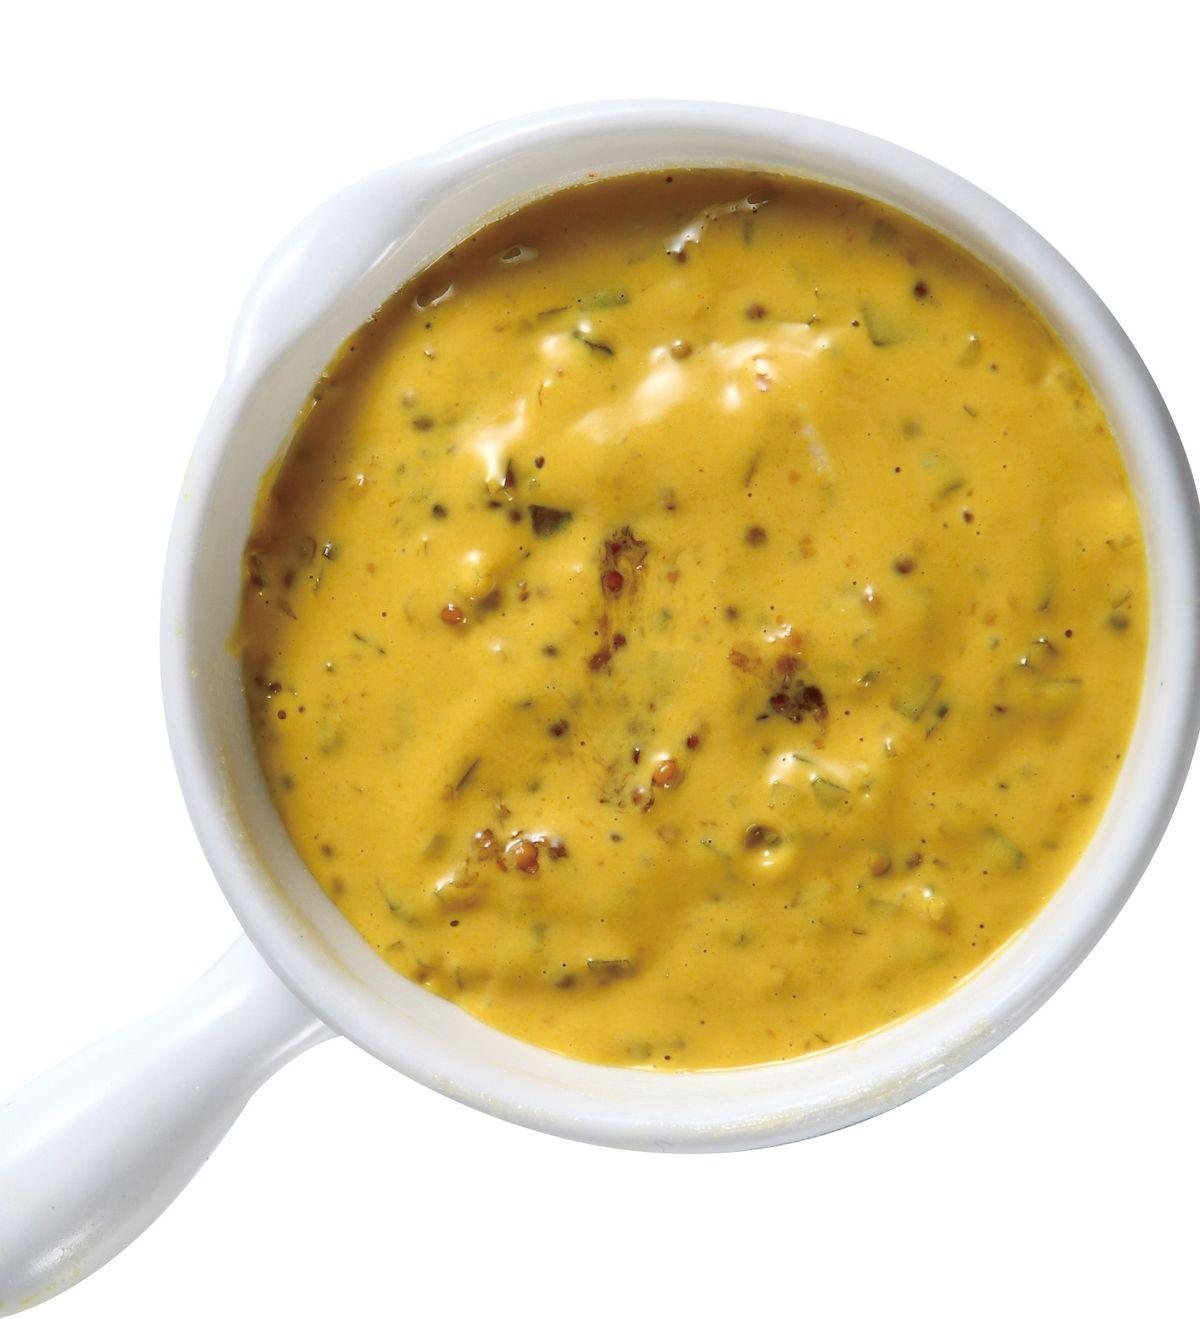 食譜:蜂蜜芥末抹醬